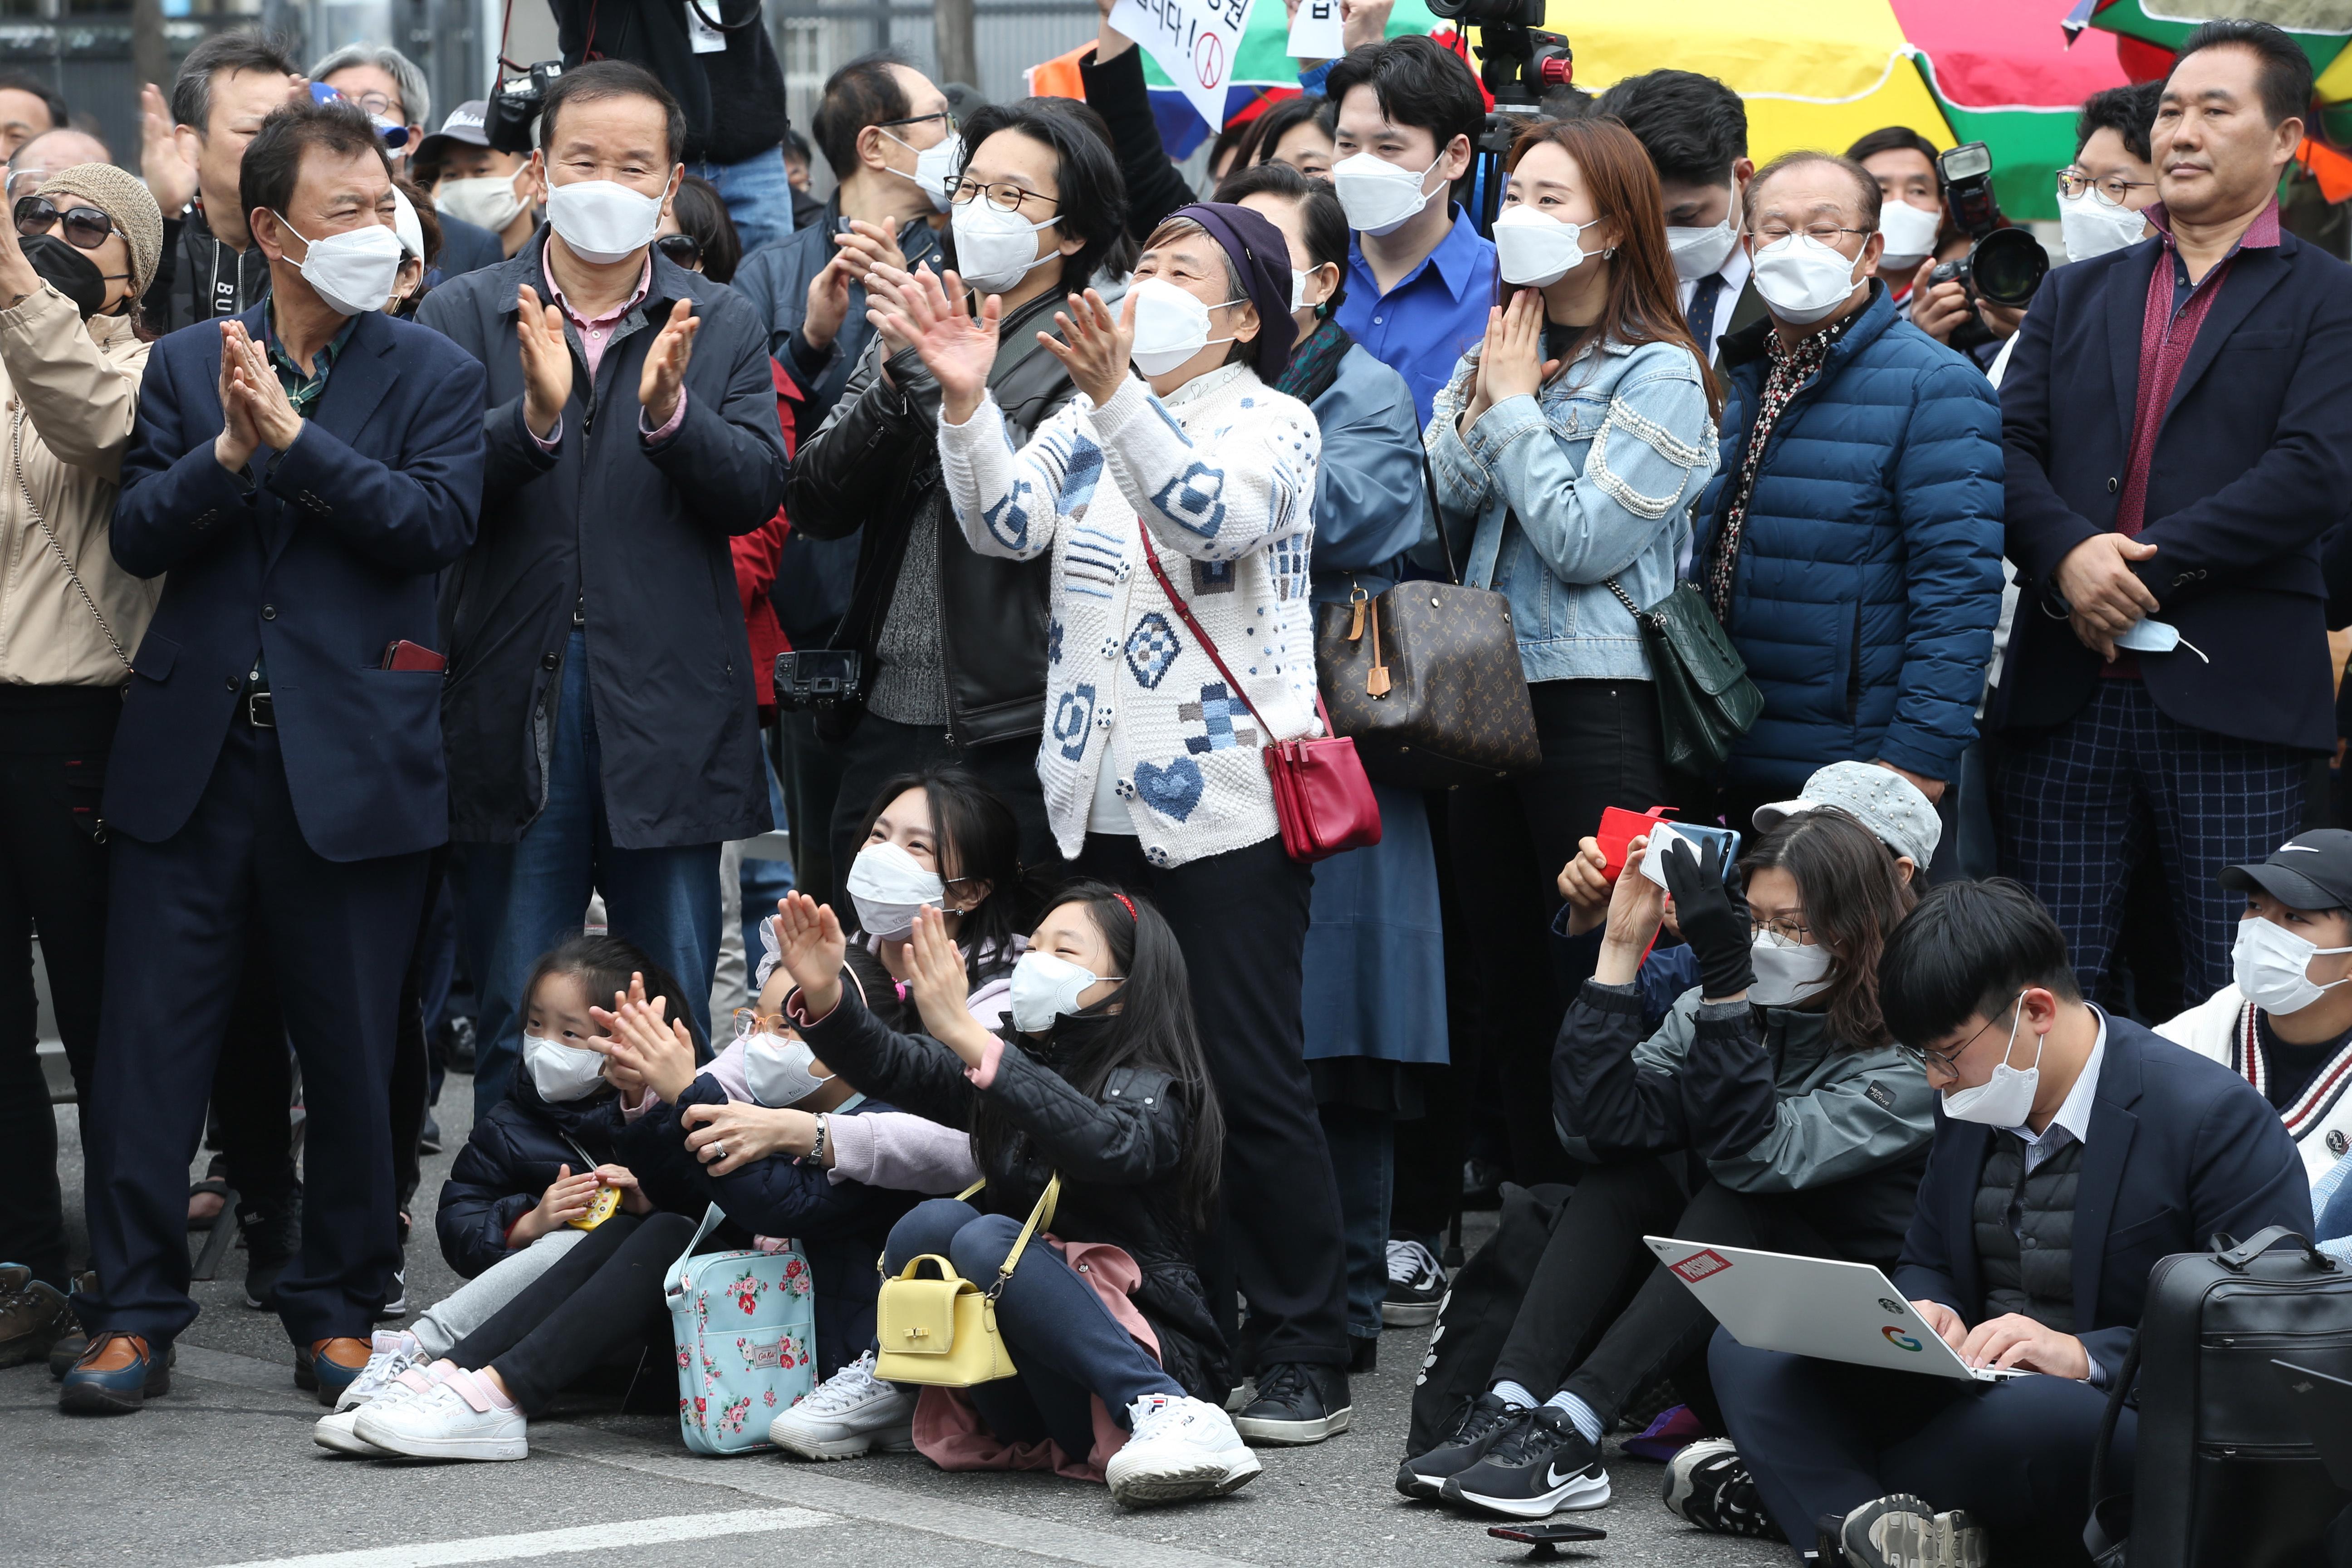 4.15 총선 유세현장에서 유권자들이 환호하는 모습이다. 연합뉴스 제공